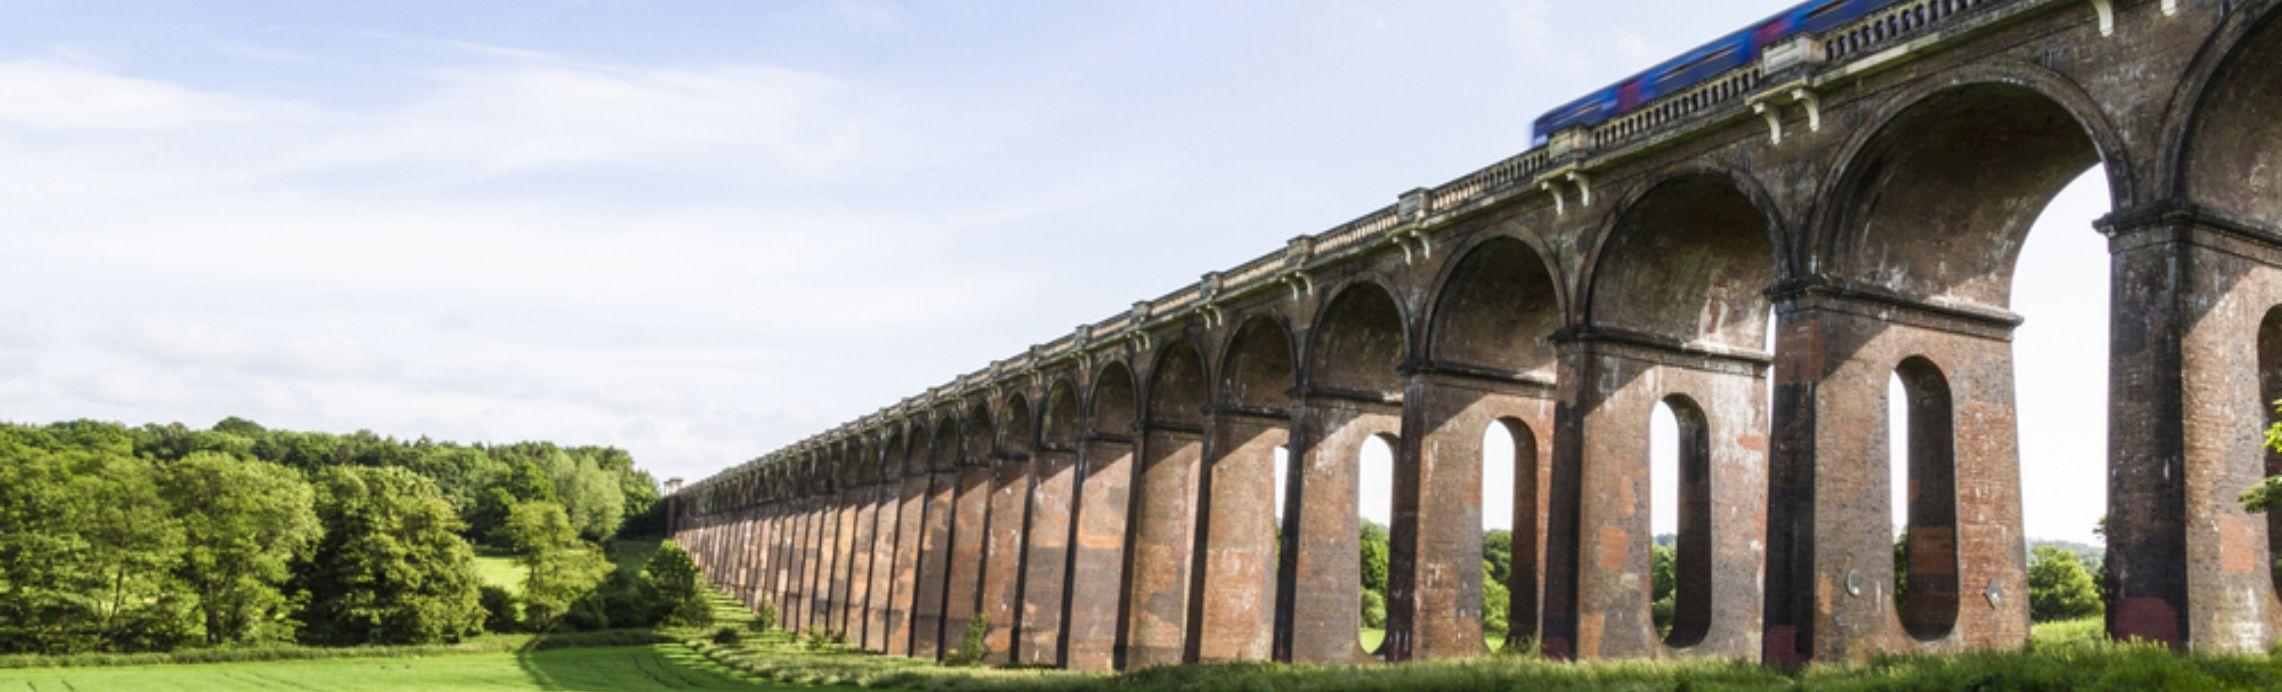 Modern train crossing a viaduct